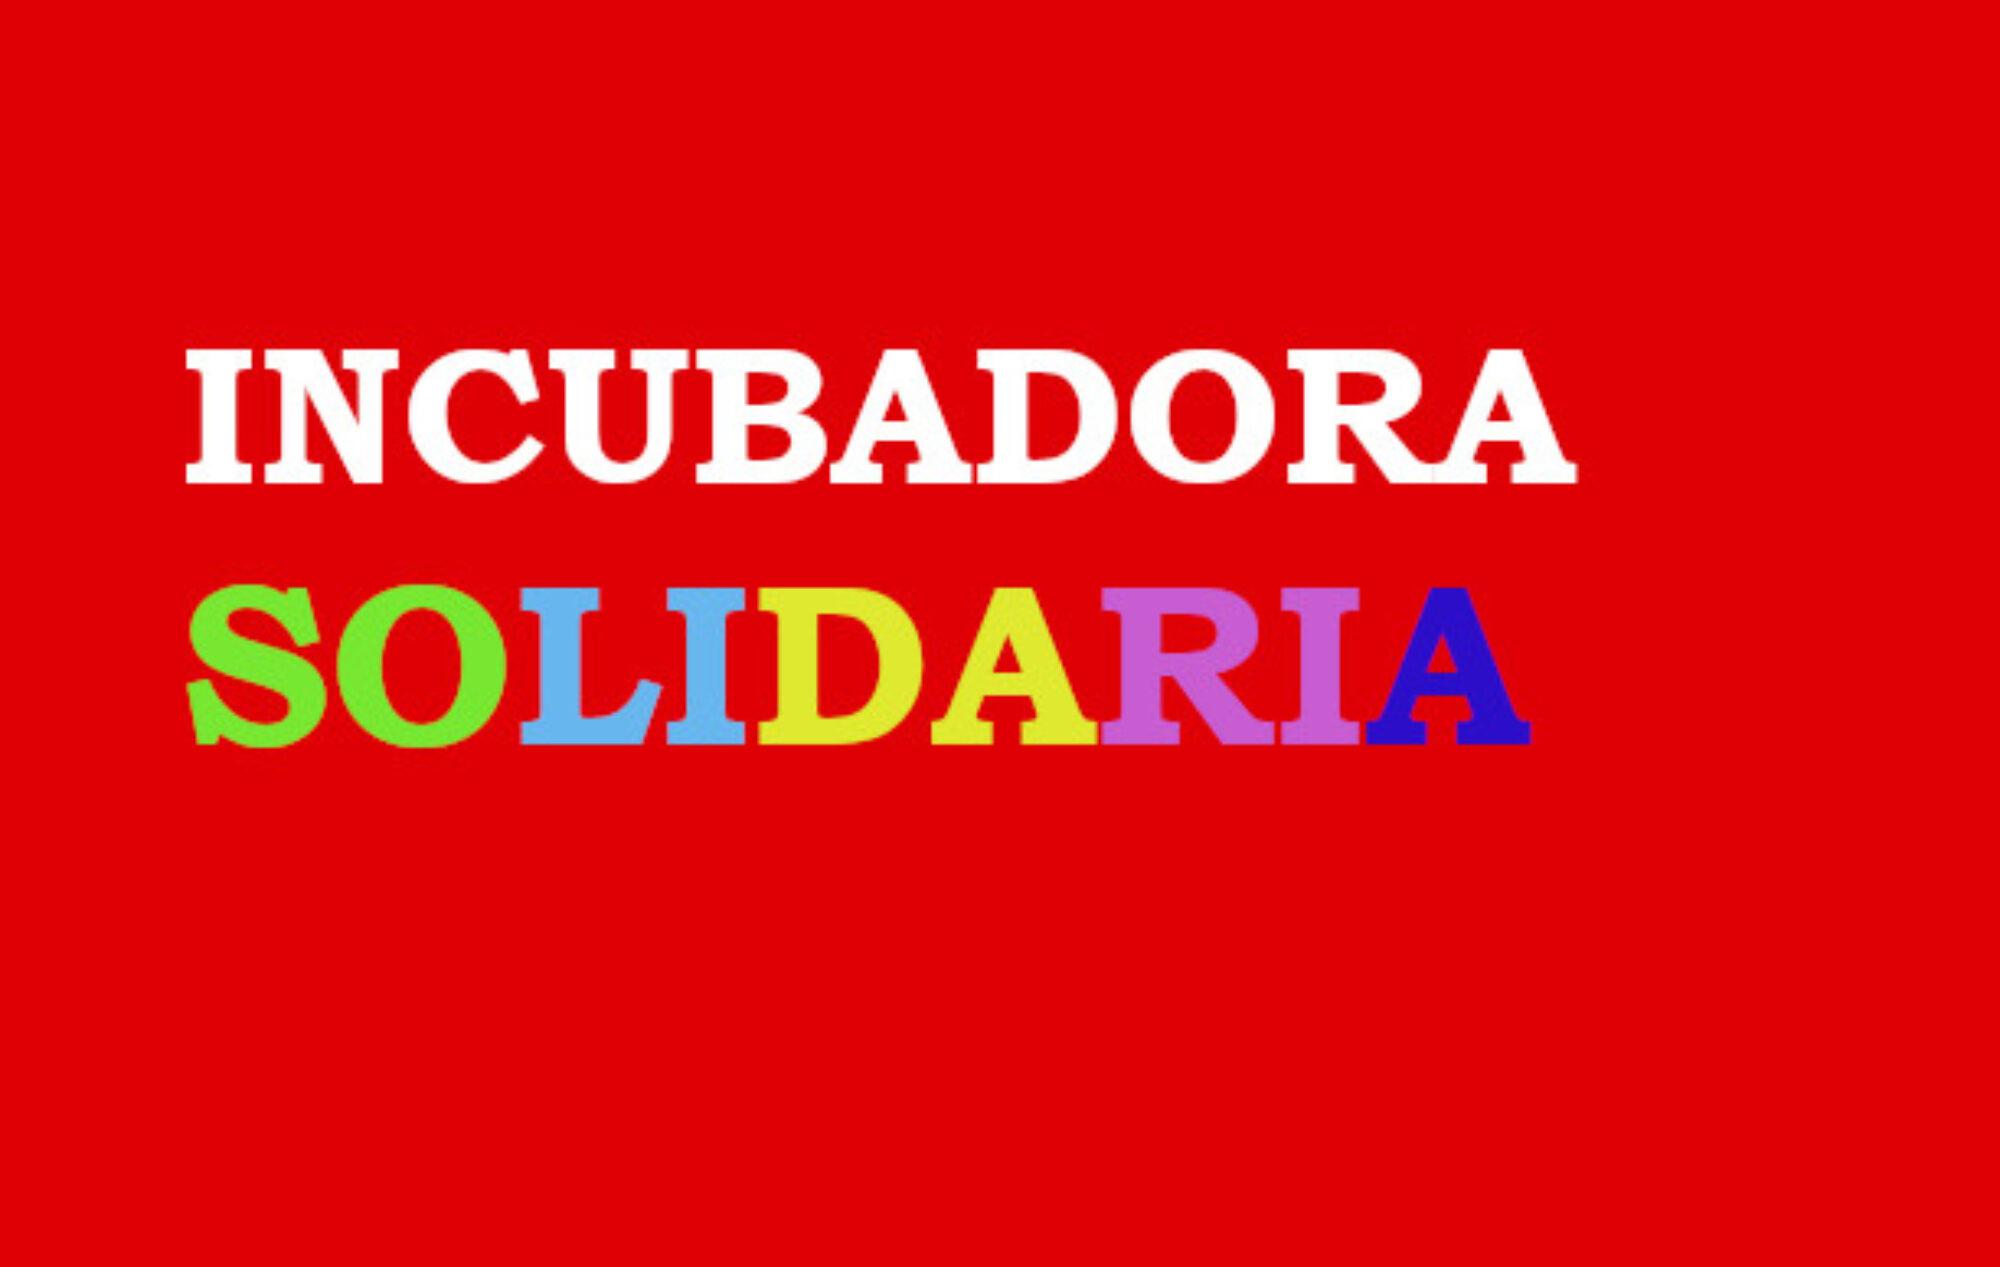 Incubadora Solidaria